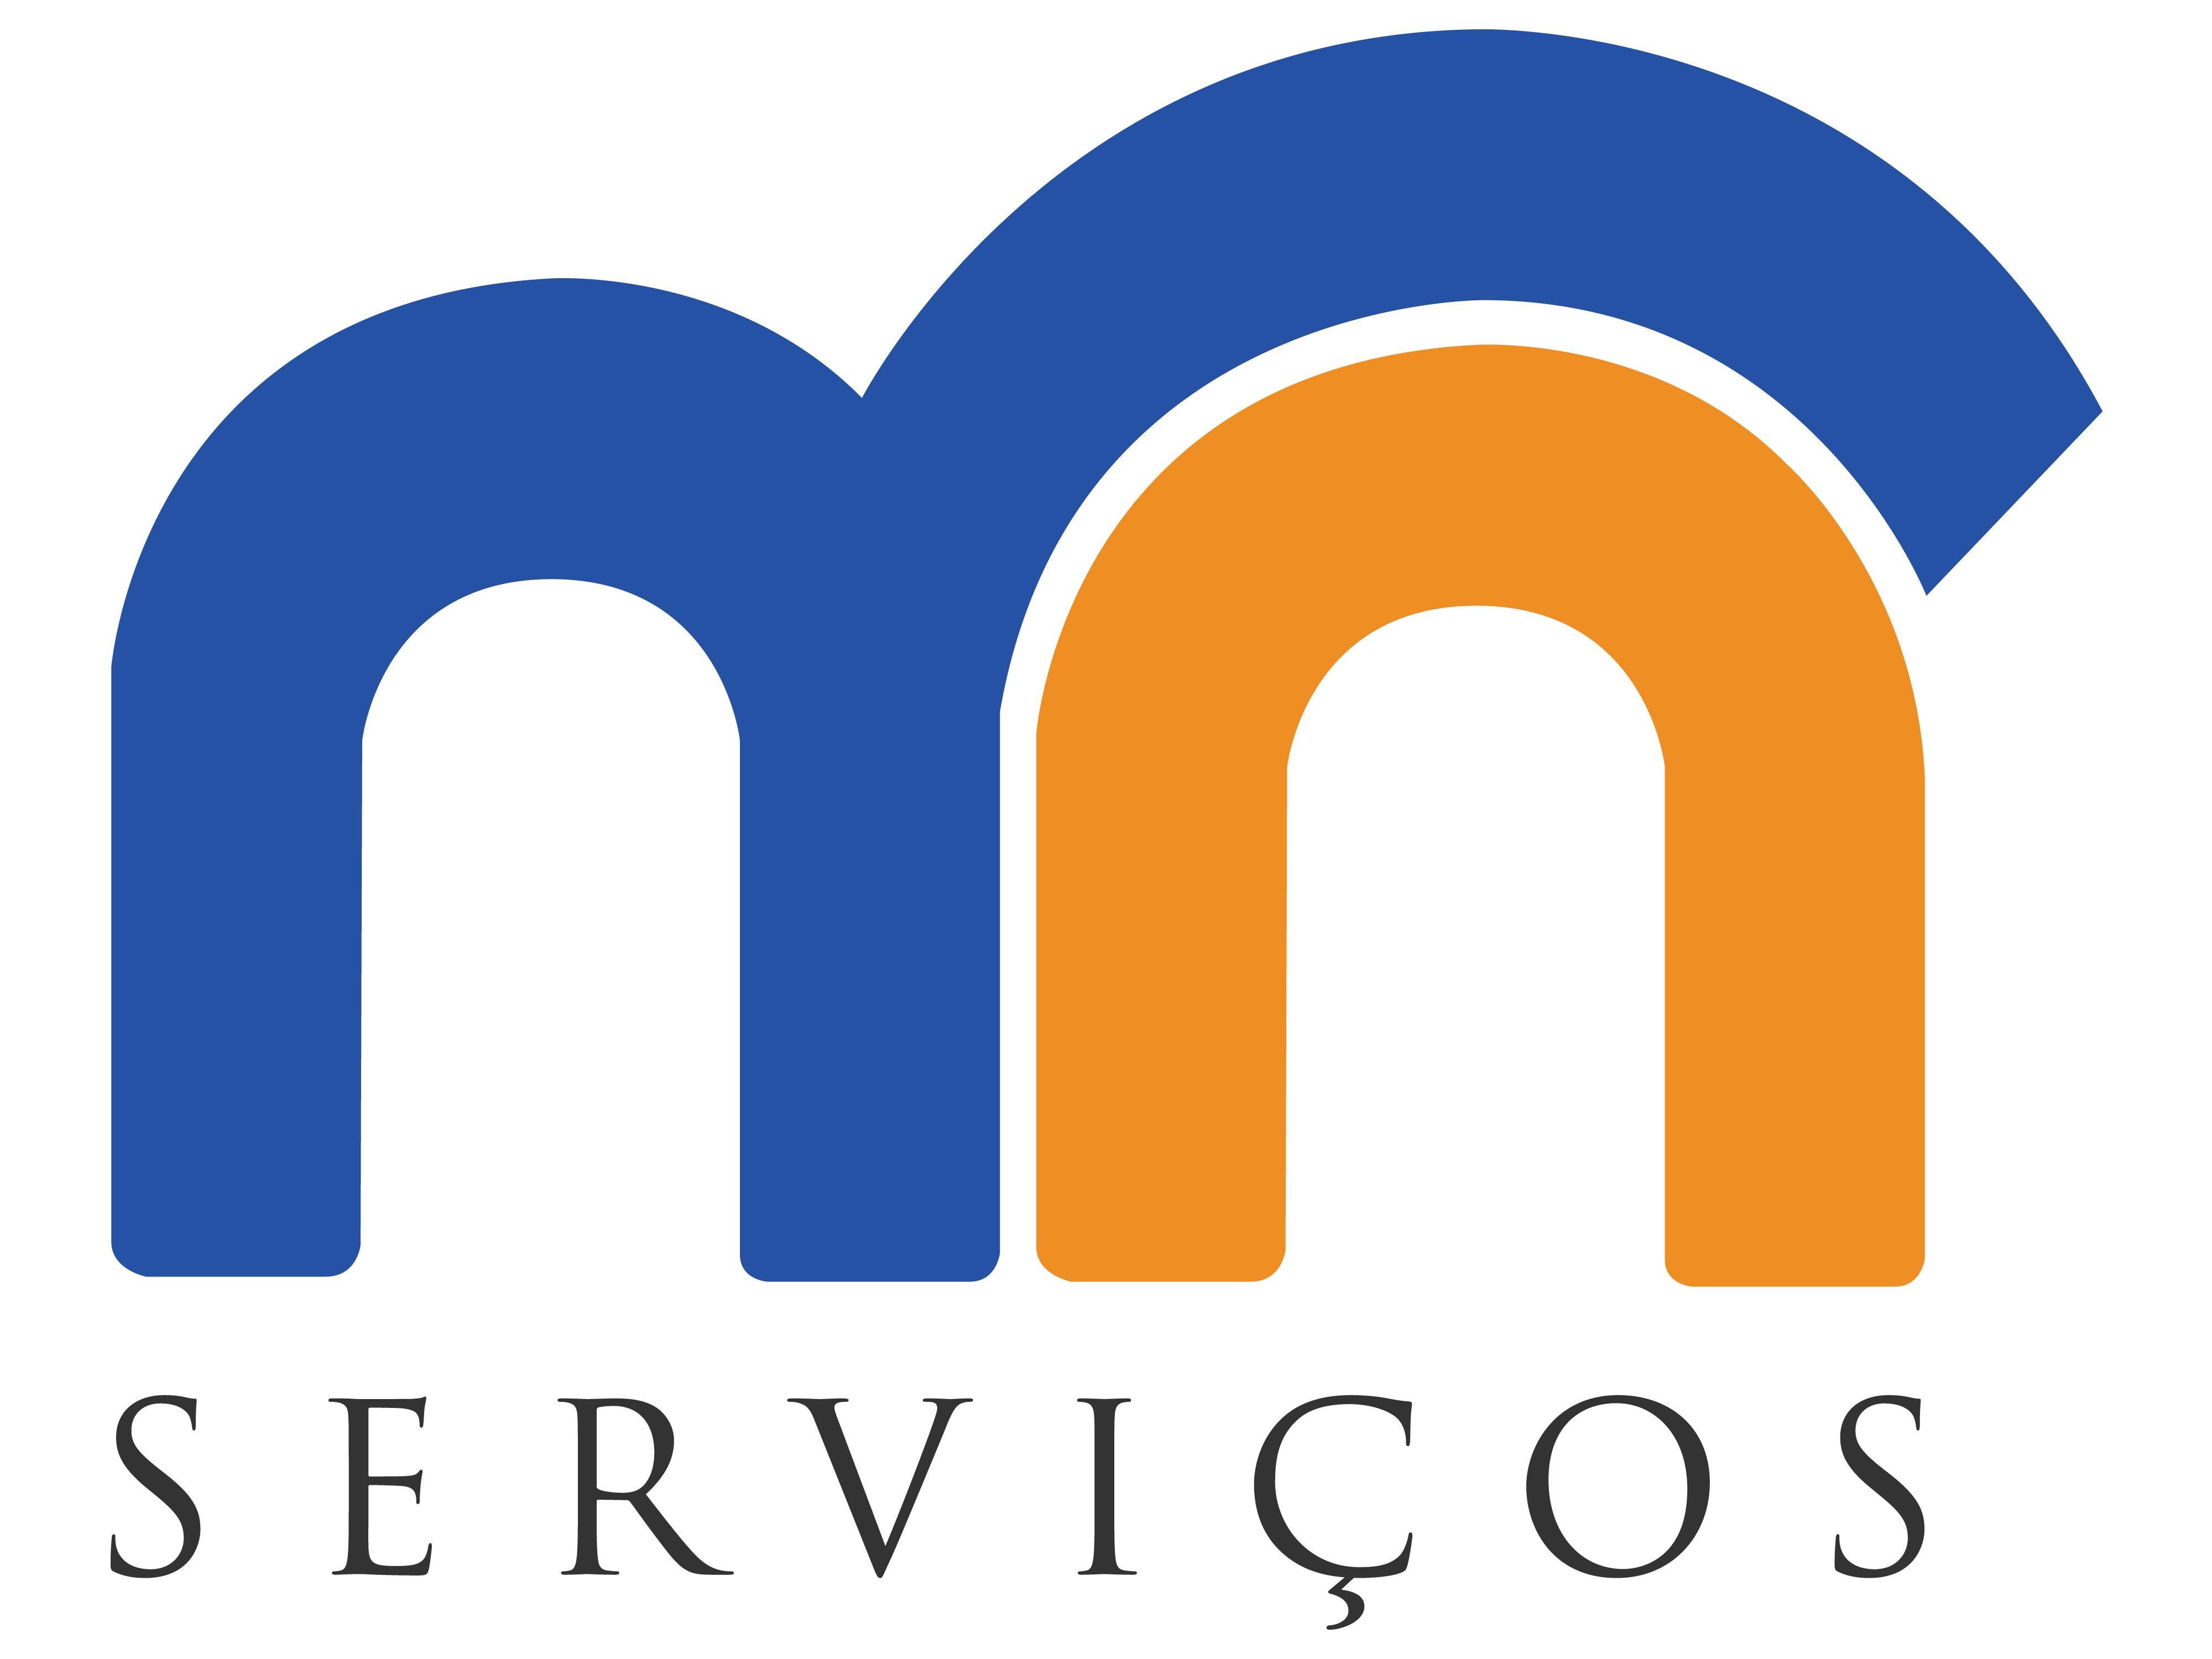 MN Servicos.